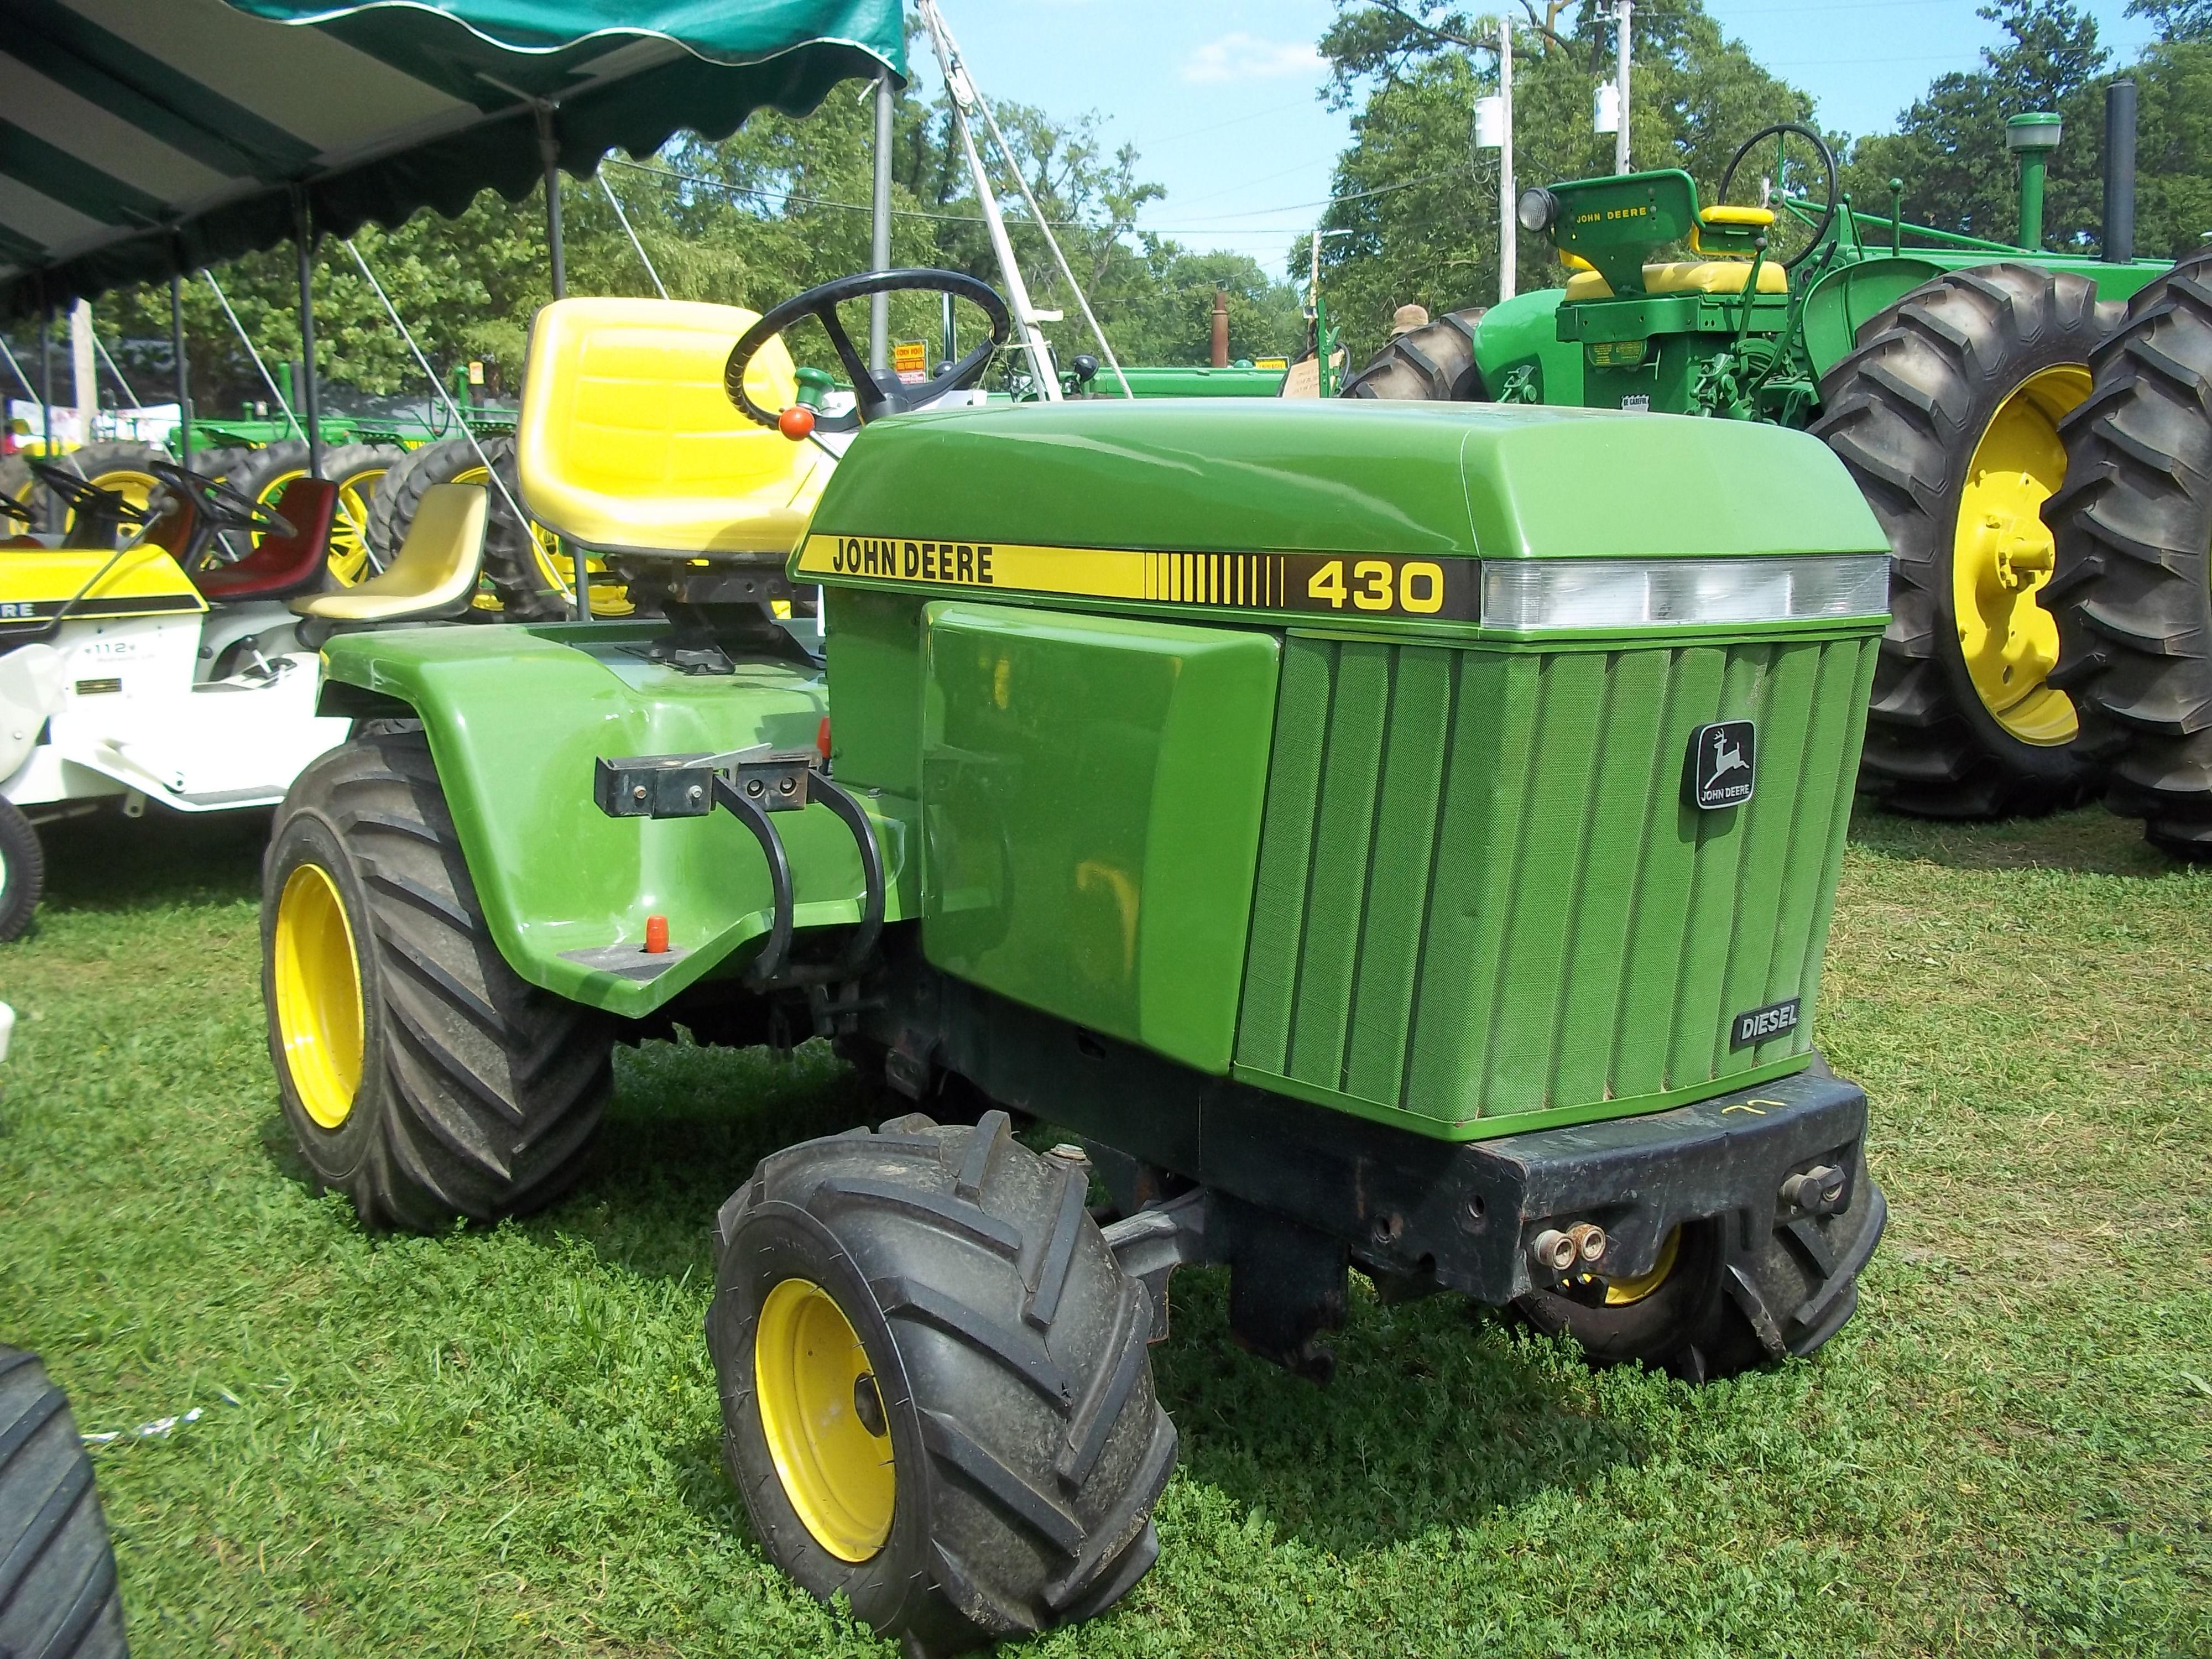 Small Garden Tractor · Big powerful John Deere 430 Landscaping Equipment,  Lawn Equipment, John Deere Equipment, Heavy